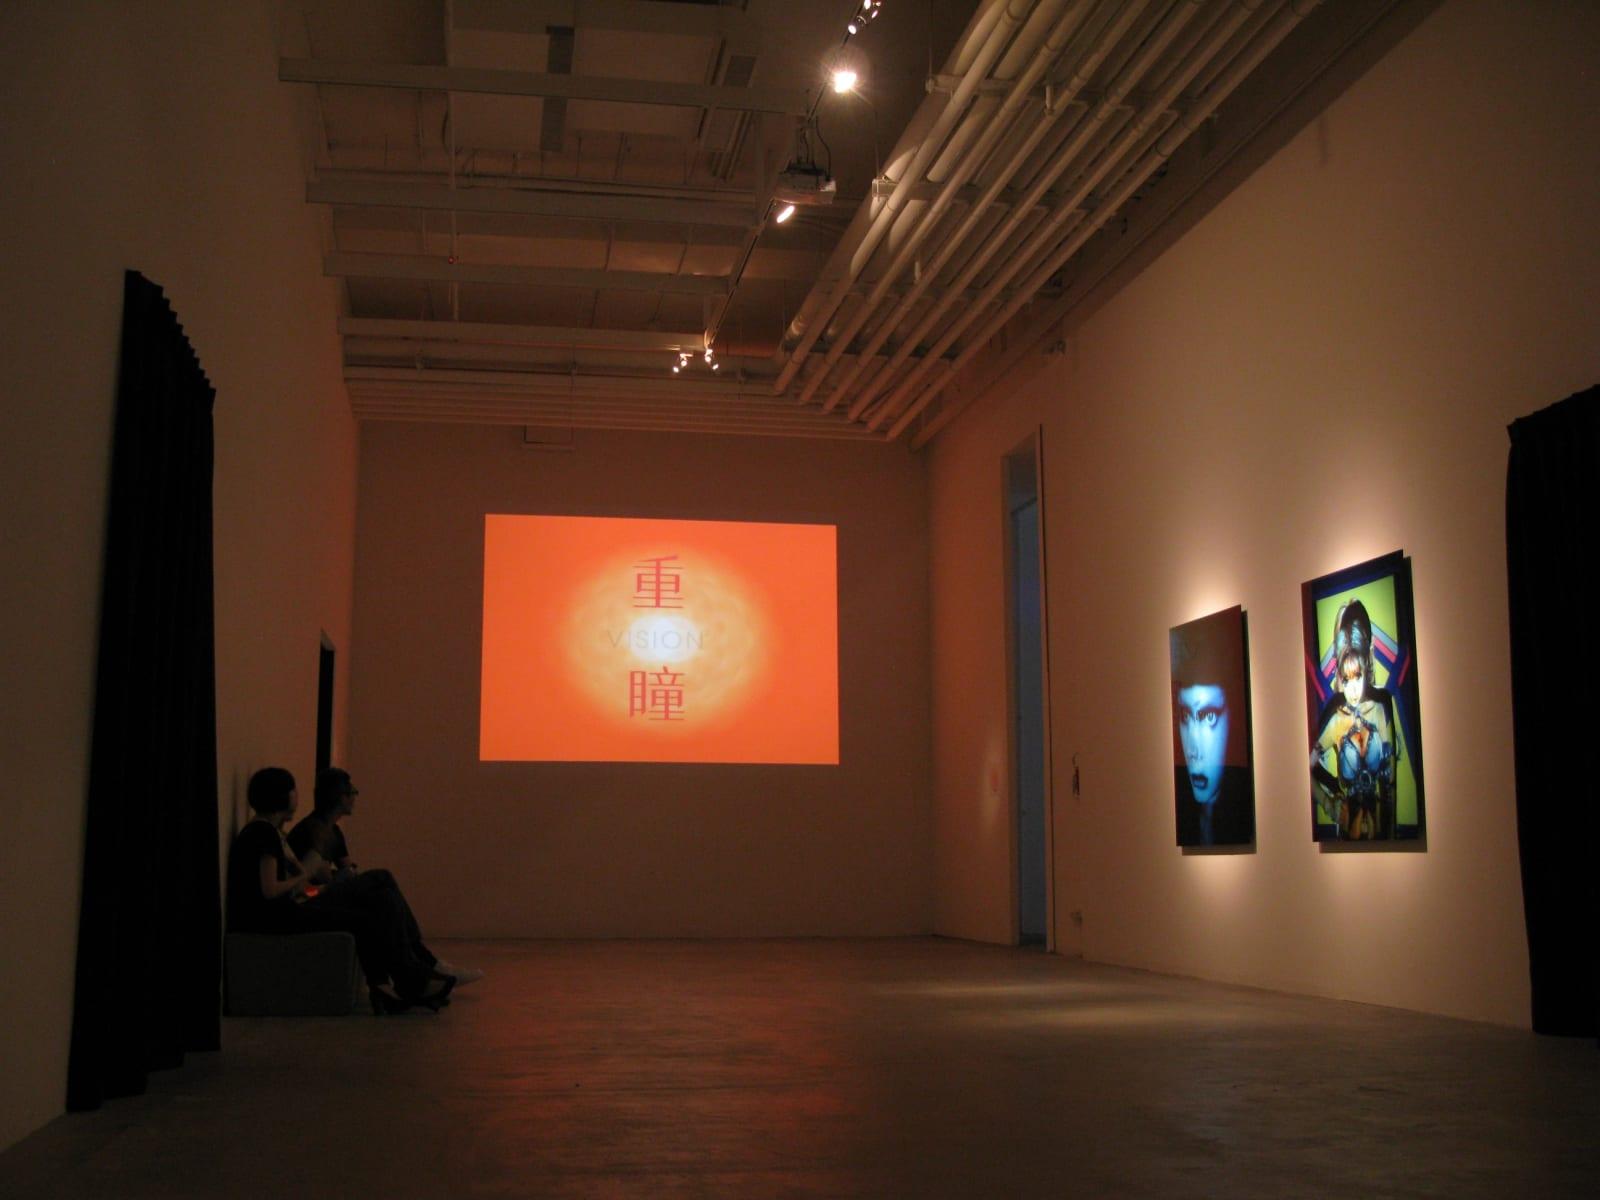 重瞳:擁有過去的未來 — 兩岸藝術交流計畫